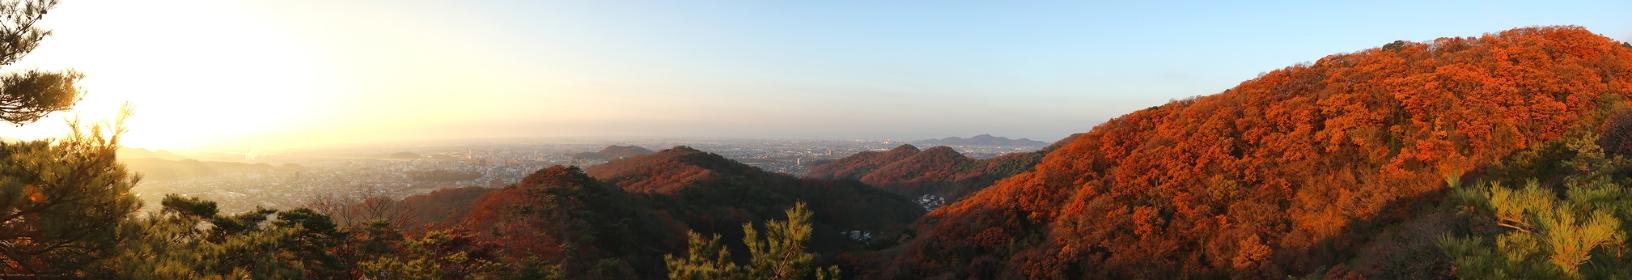 栃木百名山・両崖山(足利市)の稜線から見る日の出と朝焼けに染まる山々 (晩秋/紅葉)(パノラマ)